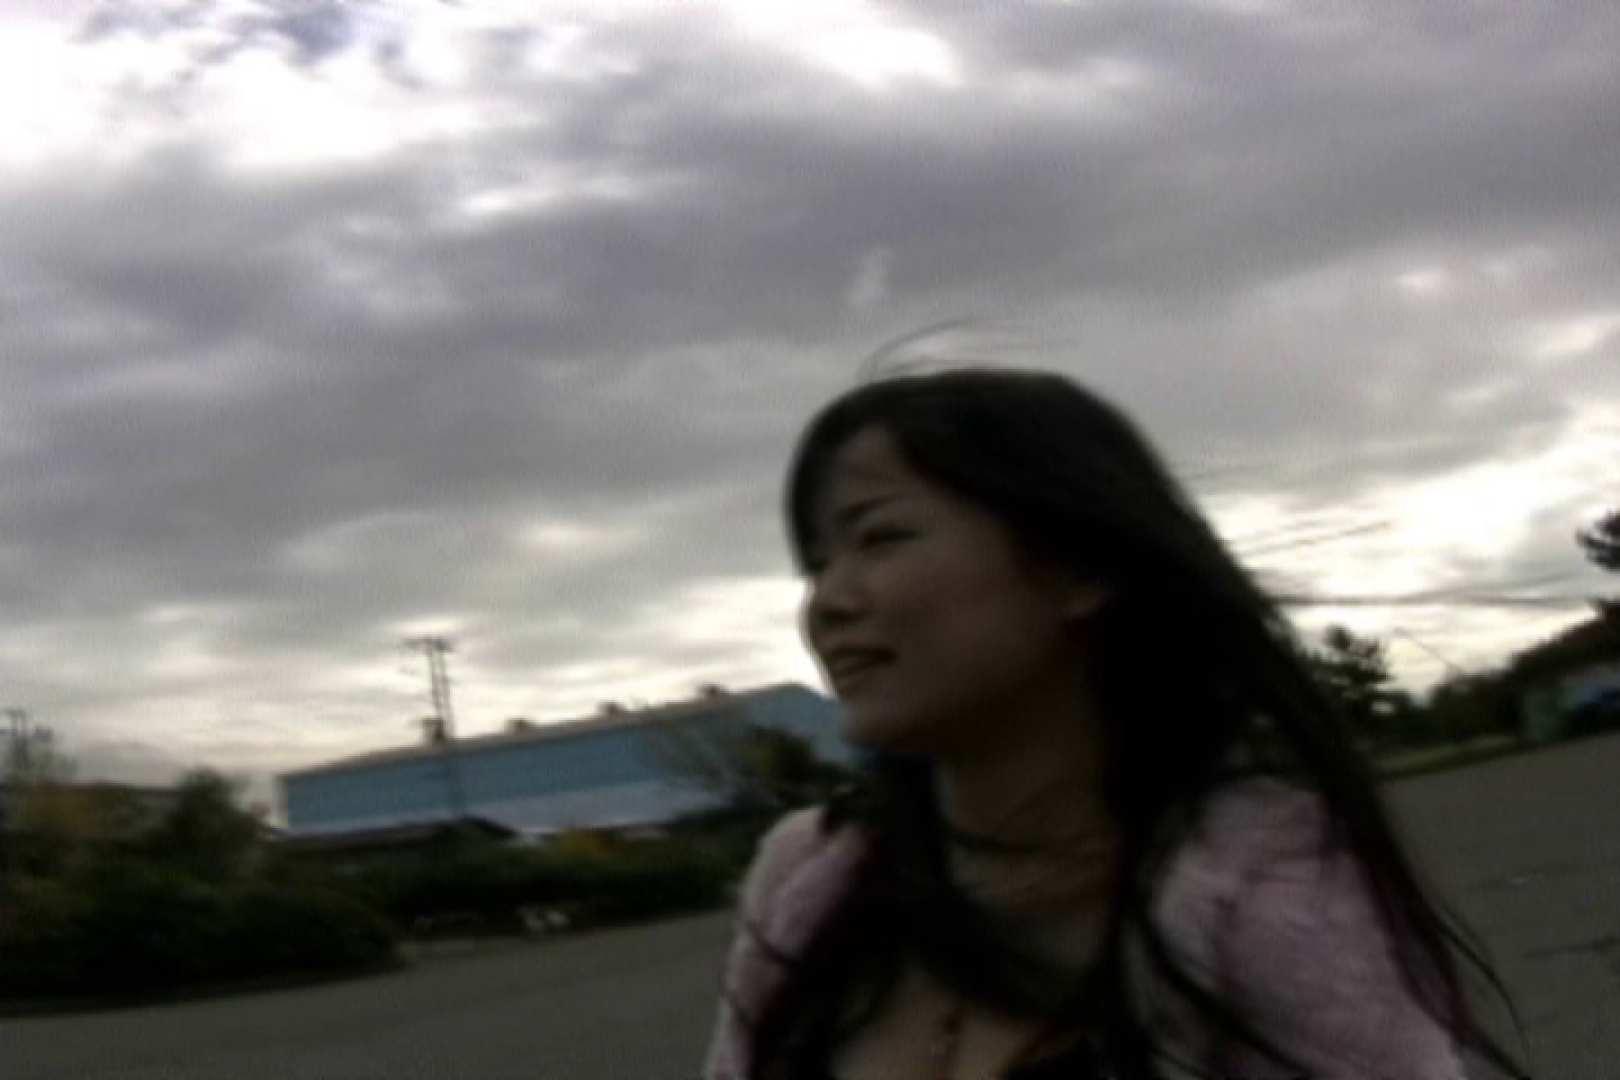 素人嬢がAV面接にやって来た。 仮名ゆみvol.2 素人のぞき エロ無料画像 86pic 43